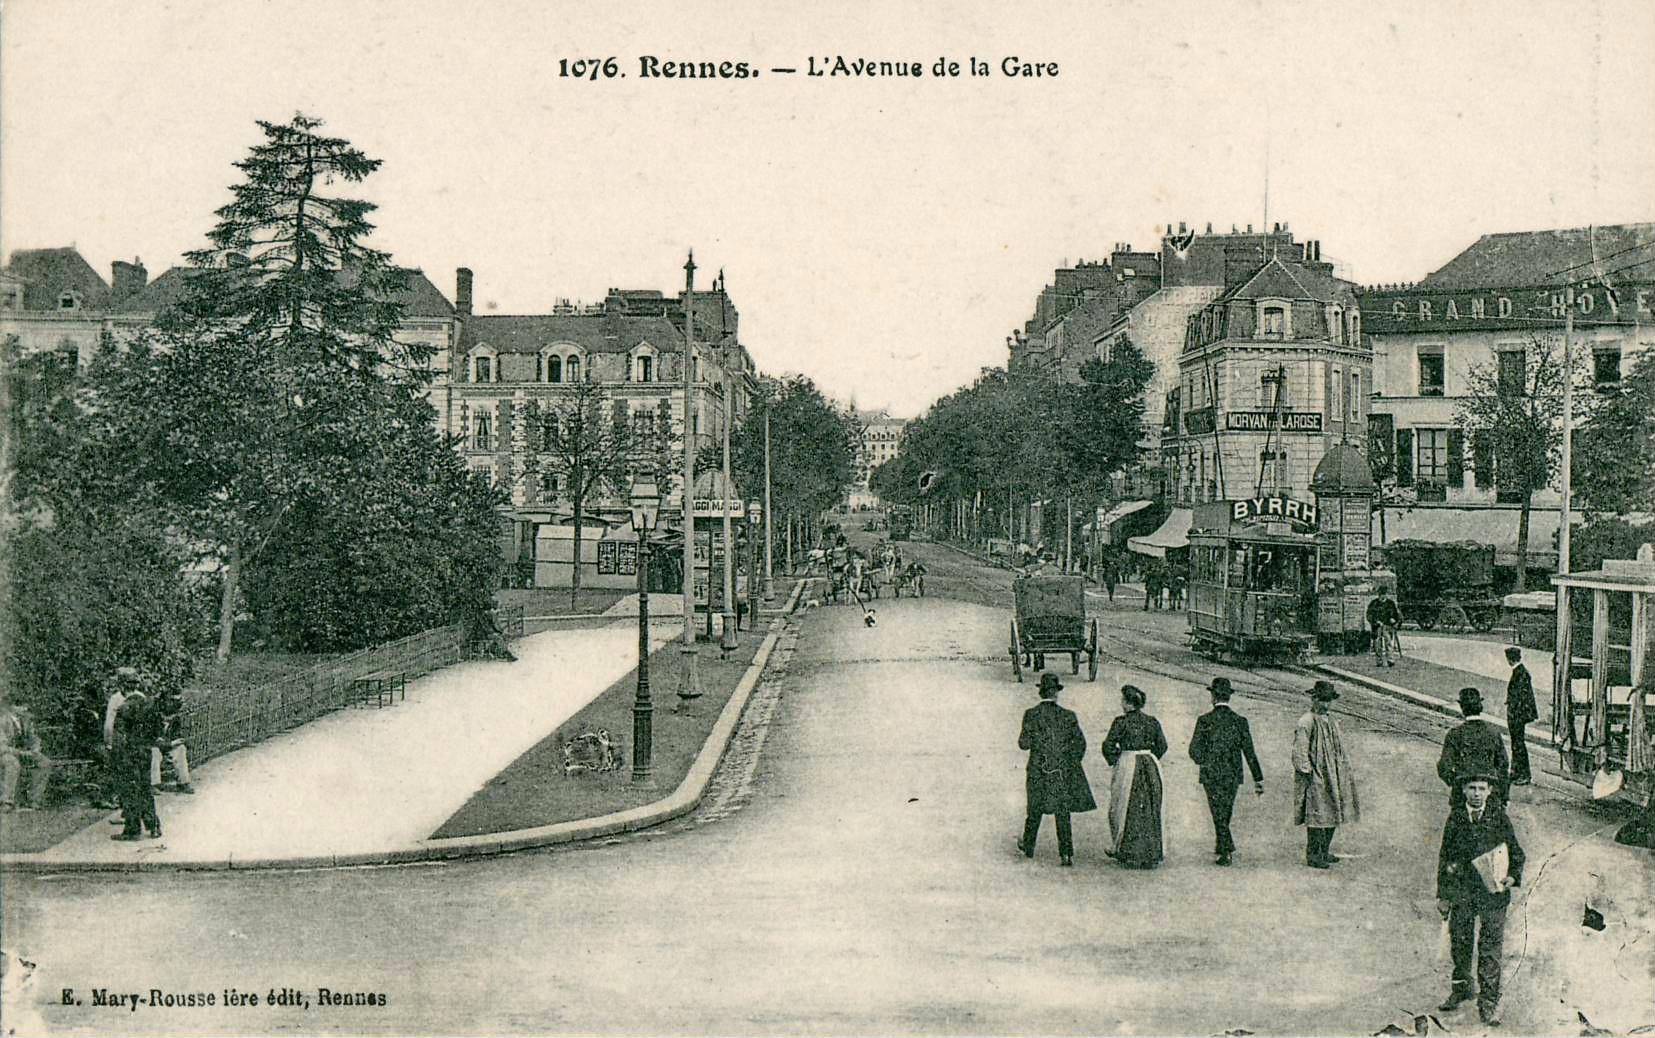 File:Mary-Rousselière 1076 - RENNES - L'Avenue de la Gare.